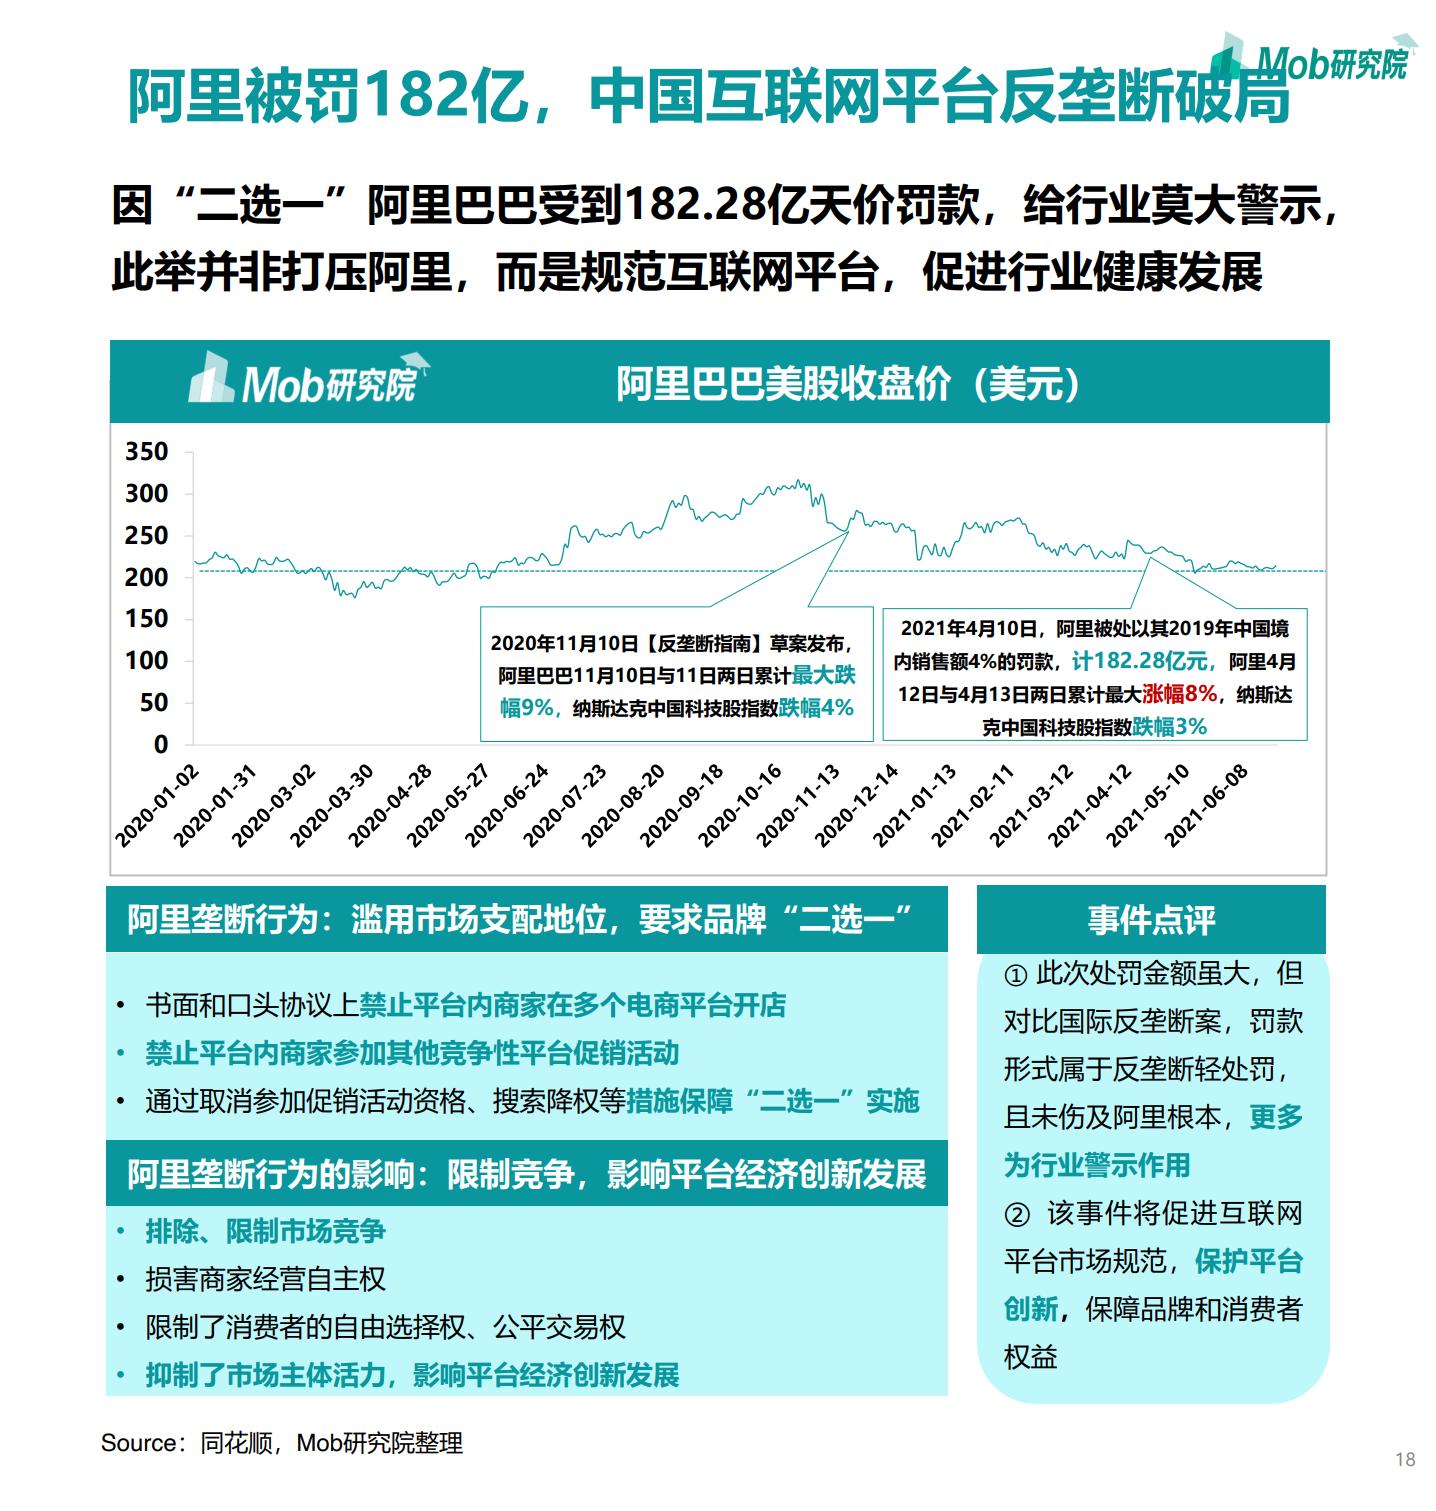 2021年中国移动互联网半年度大报告插图17